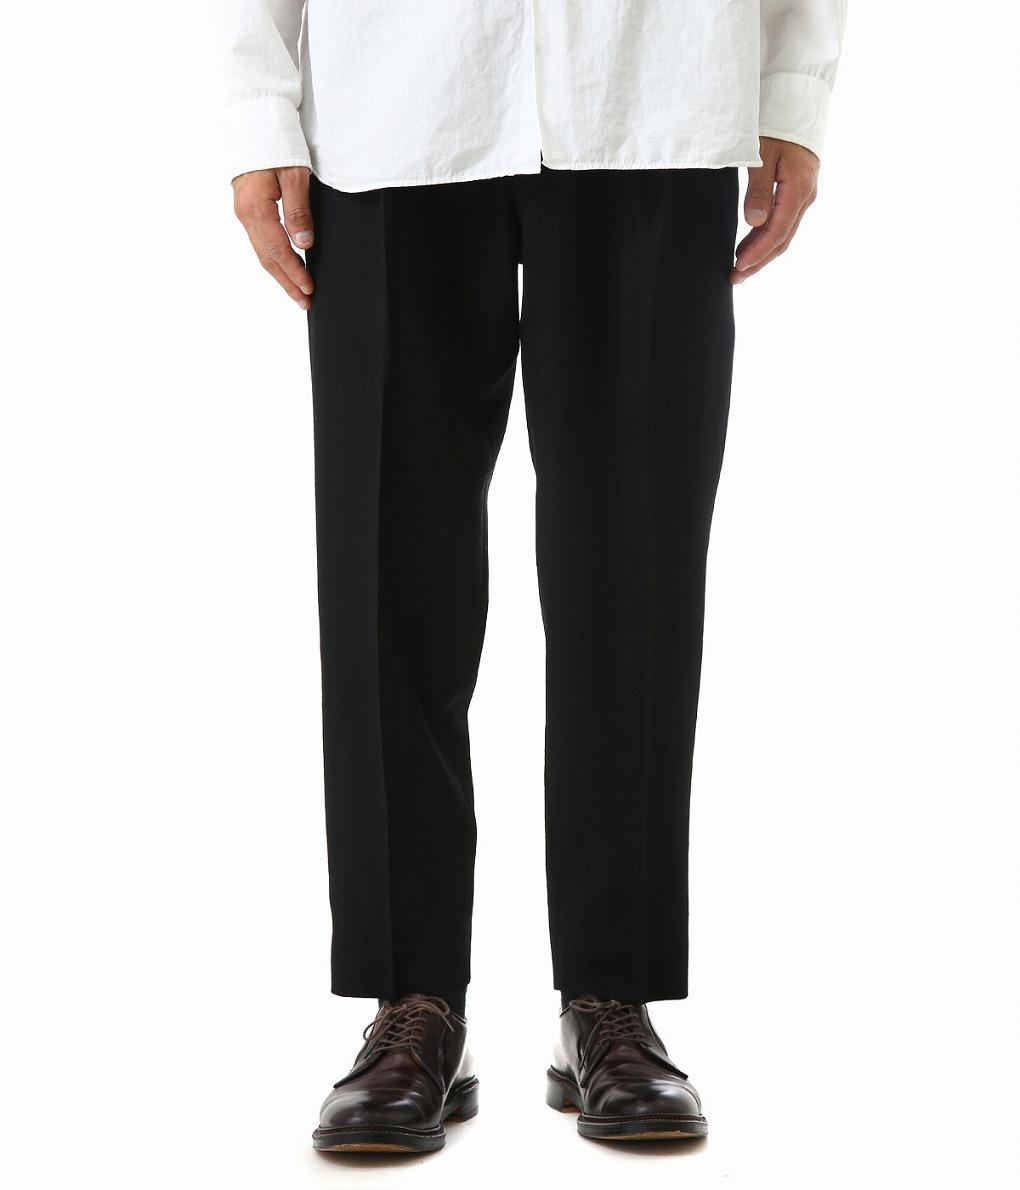 MARKAWARE / マーカウェア : FRONT PLEATS PEG TOP : フロント プリーツ ペグ トップ パンツ メンズ : A18D-05PT01C 【MUS】【WIS】